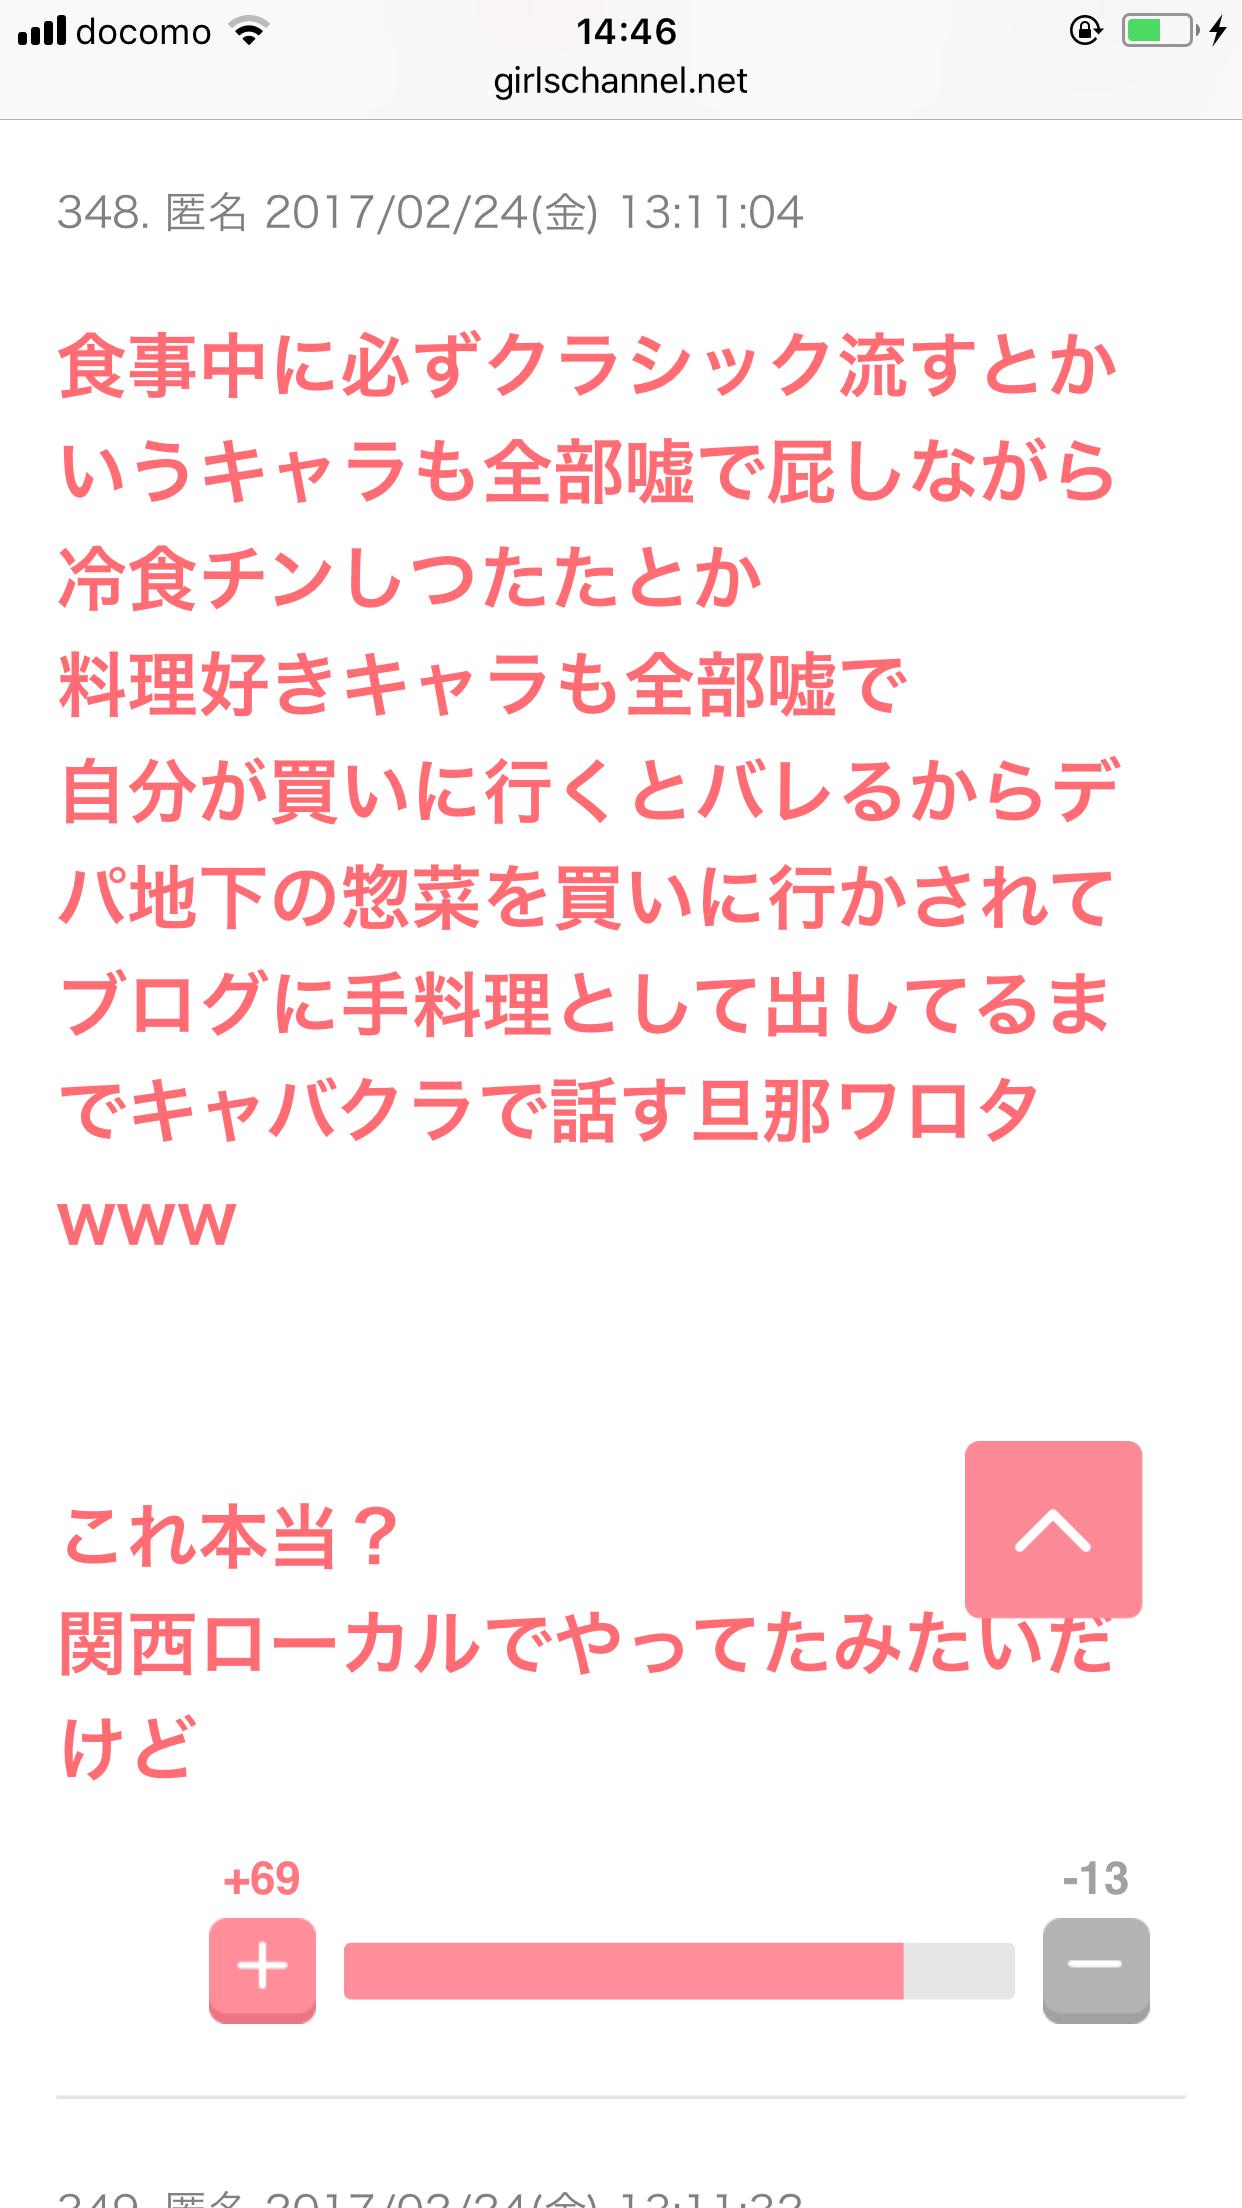 小倉優子、メイク前の姿に心配の声「最近疲れ顔だなぁ」